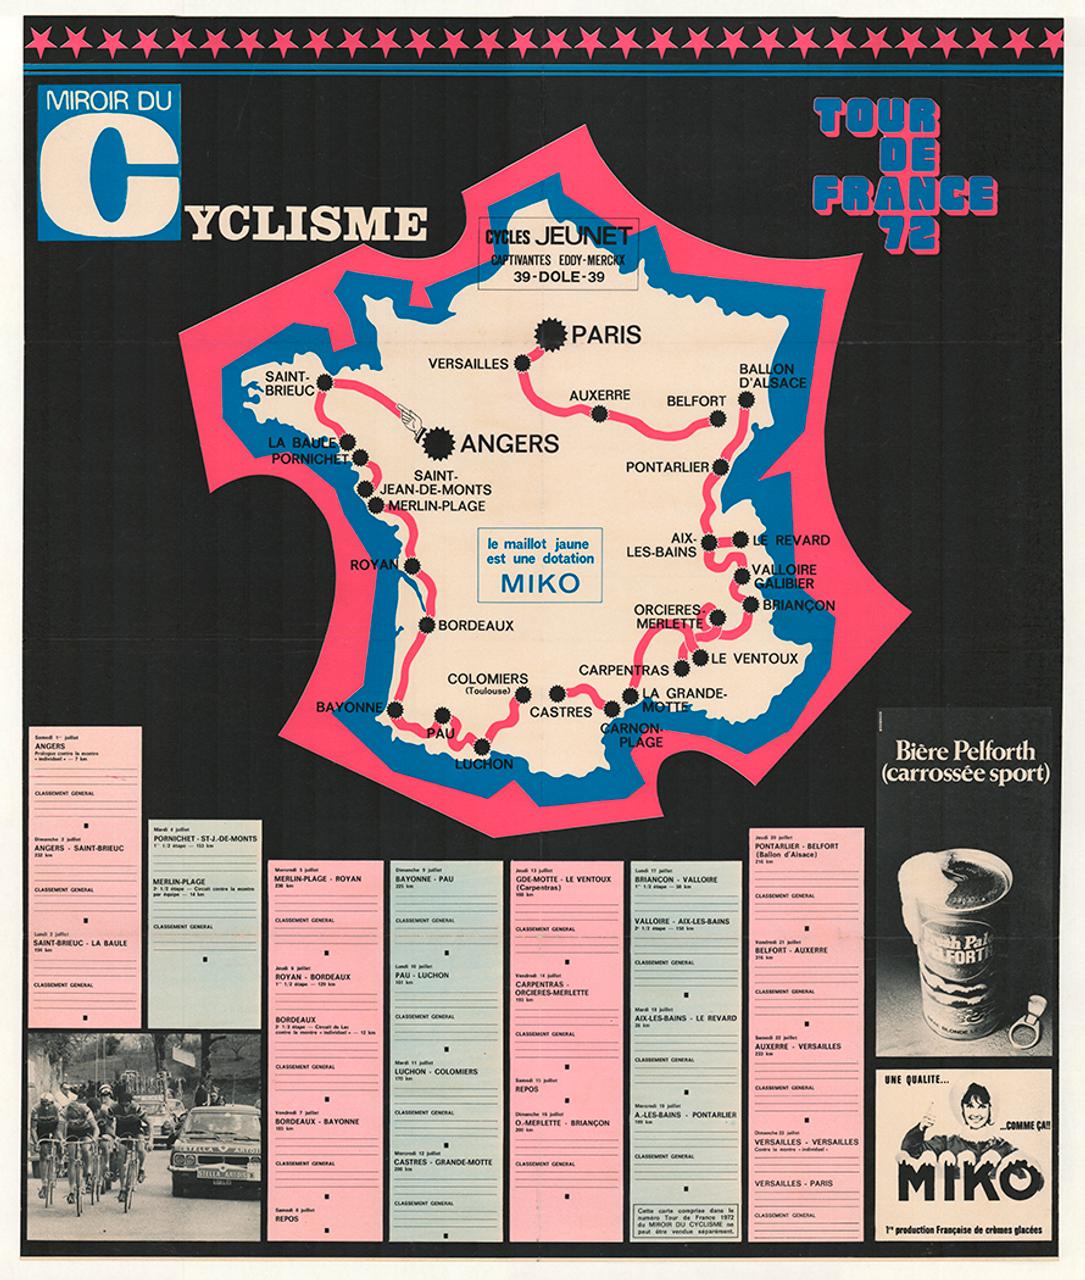 1972 Tour De France Miroir du Cyclisme Vintage Poster